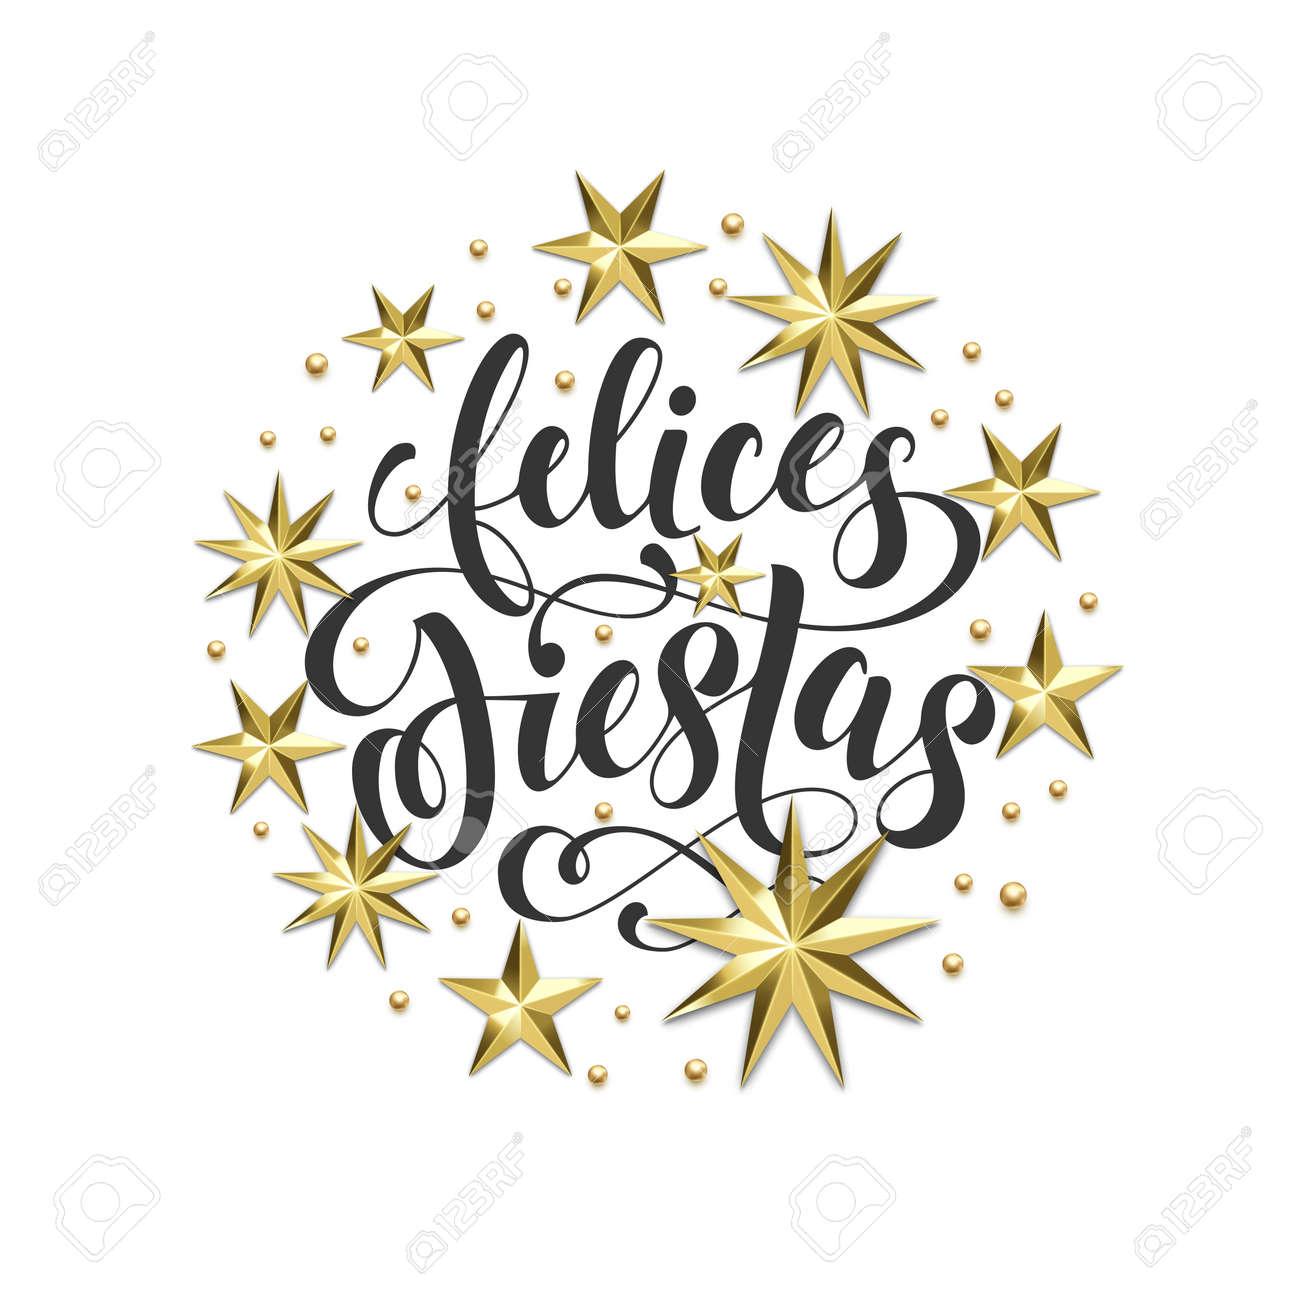 Decoración De Oro De Felices Fiestas Spanish Happy Holidays Fuente De La Caligrafía Para La Tarjeta De Felicitación O Invitación En El Fondo Blanco